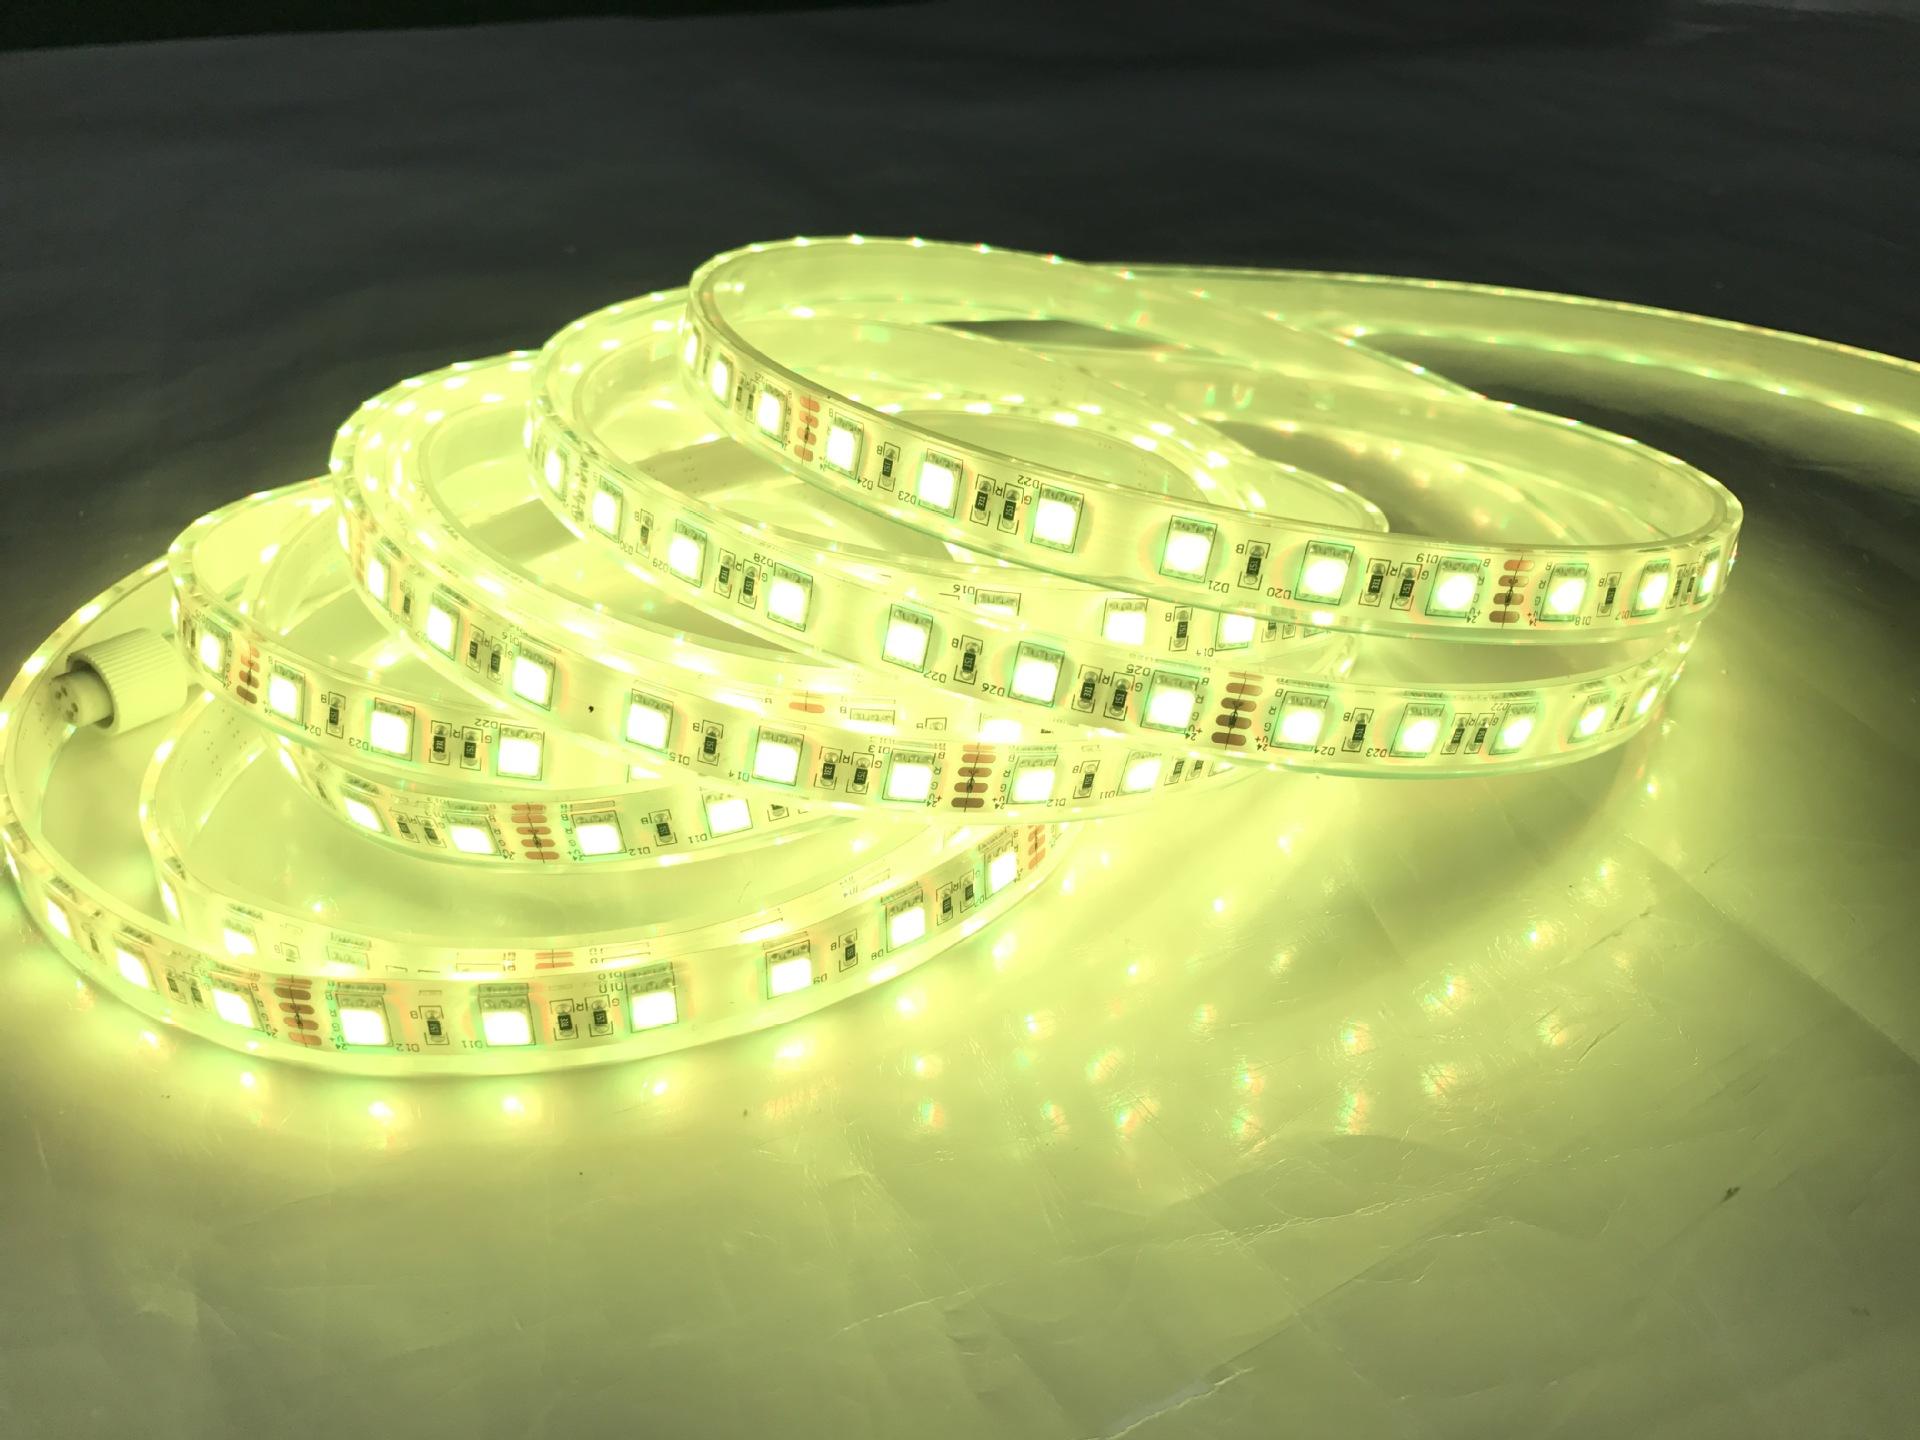 led-day-12v-chong-nuoc-ip68-rgb-5050-sieu-sang-cao-cap-tld-12v-60p-yellow